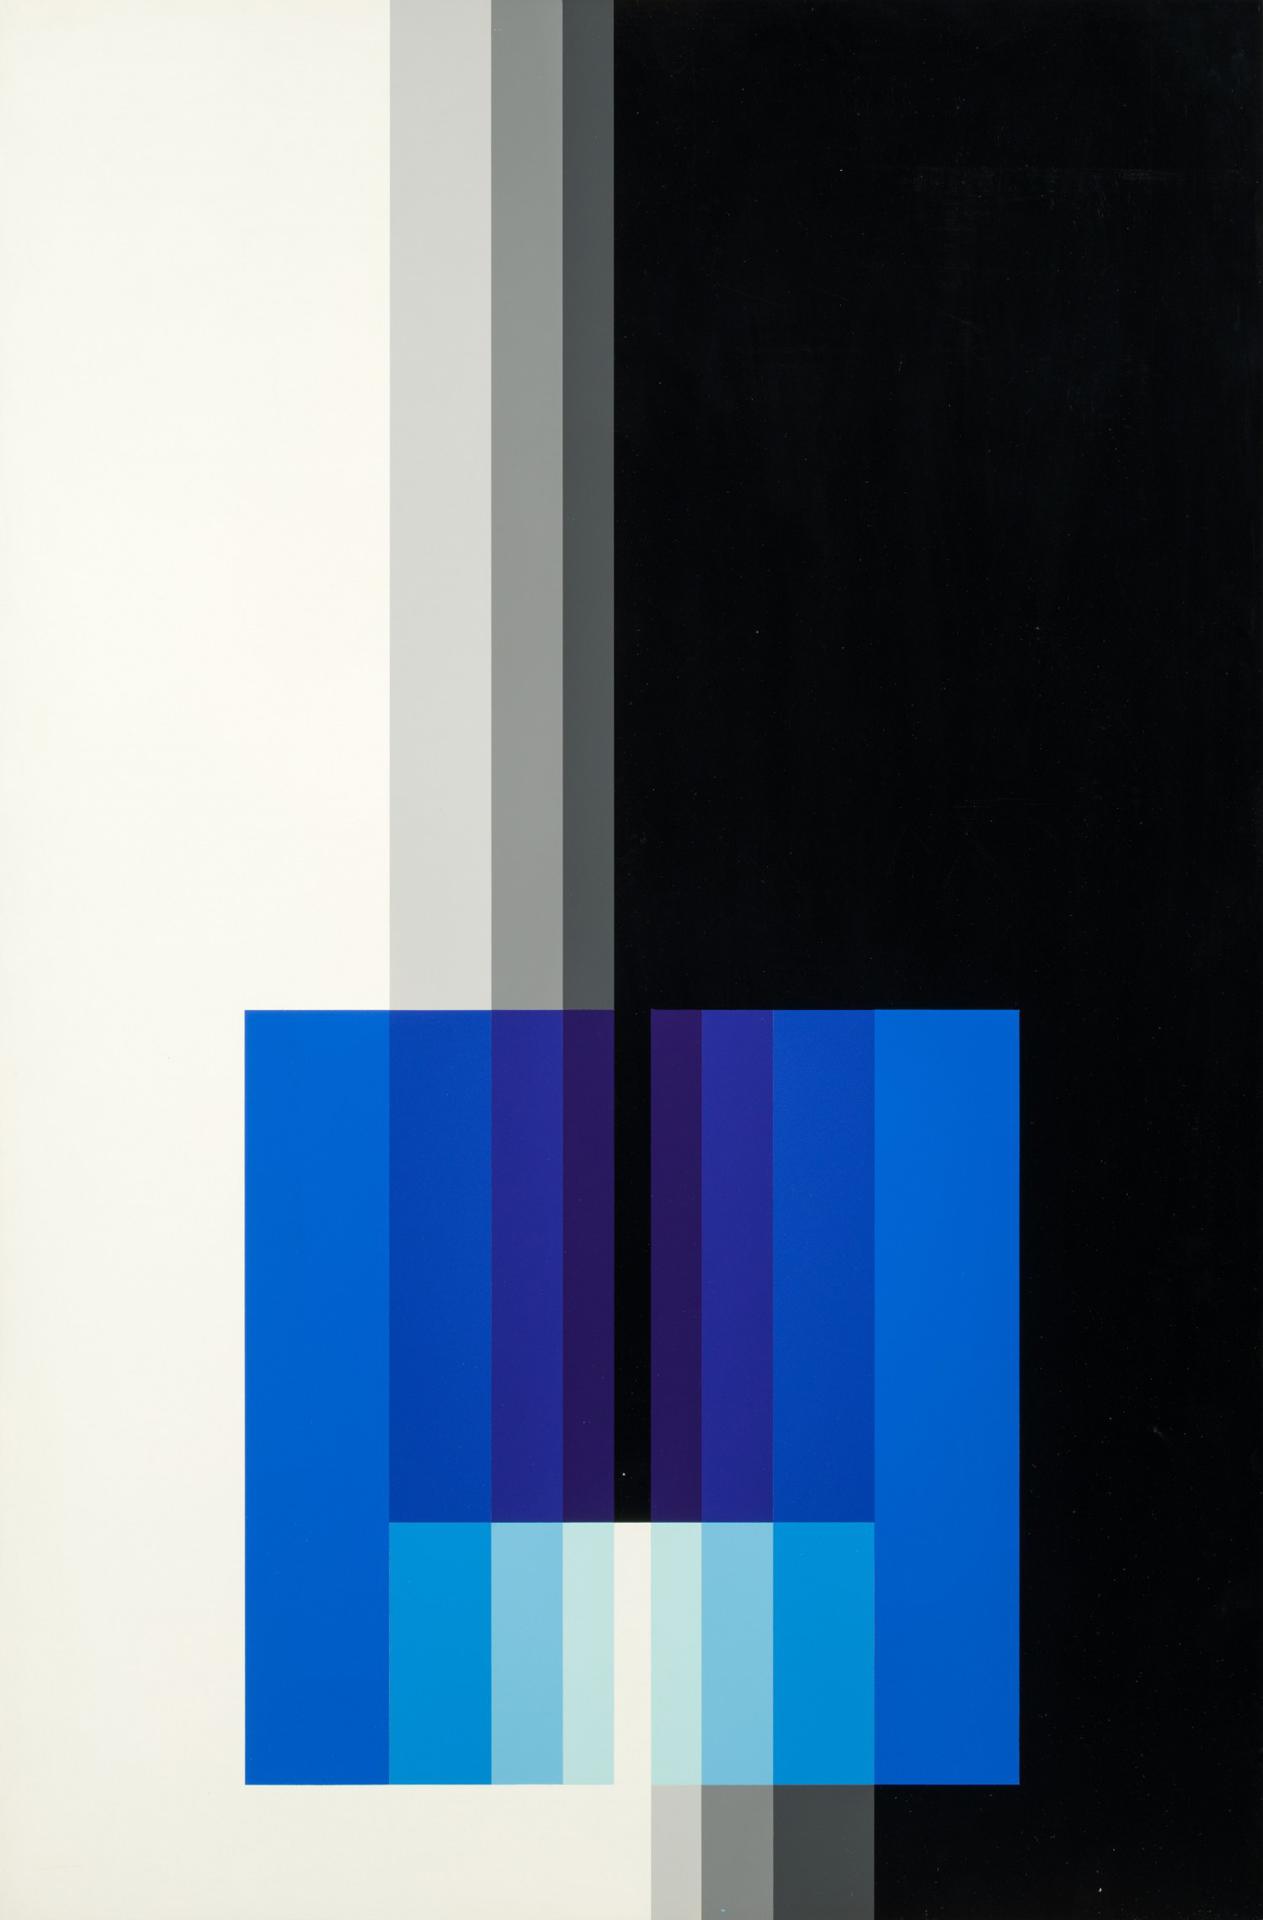 Karl Gerstner, Chromorphose 3.04, ab 1958, Nitrolack auf Aluminium, 93 x 61 cm